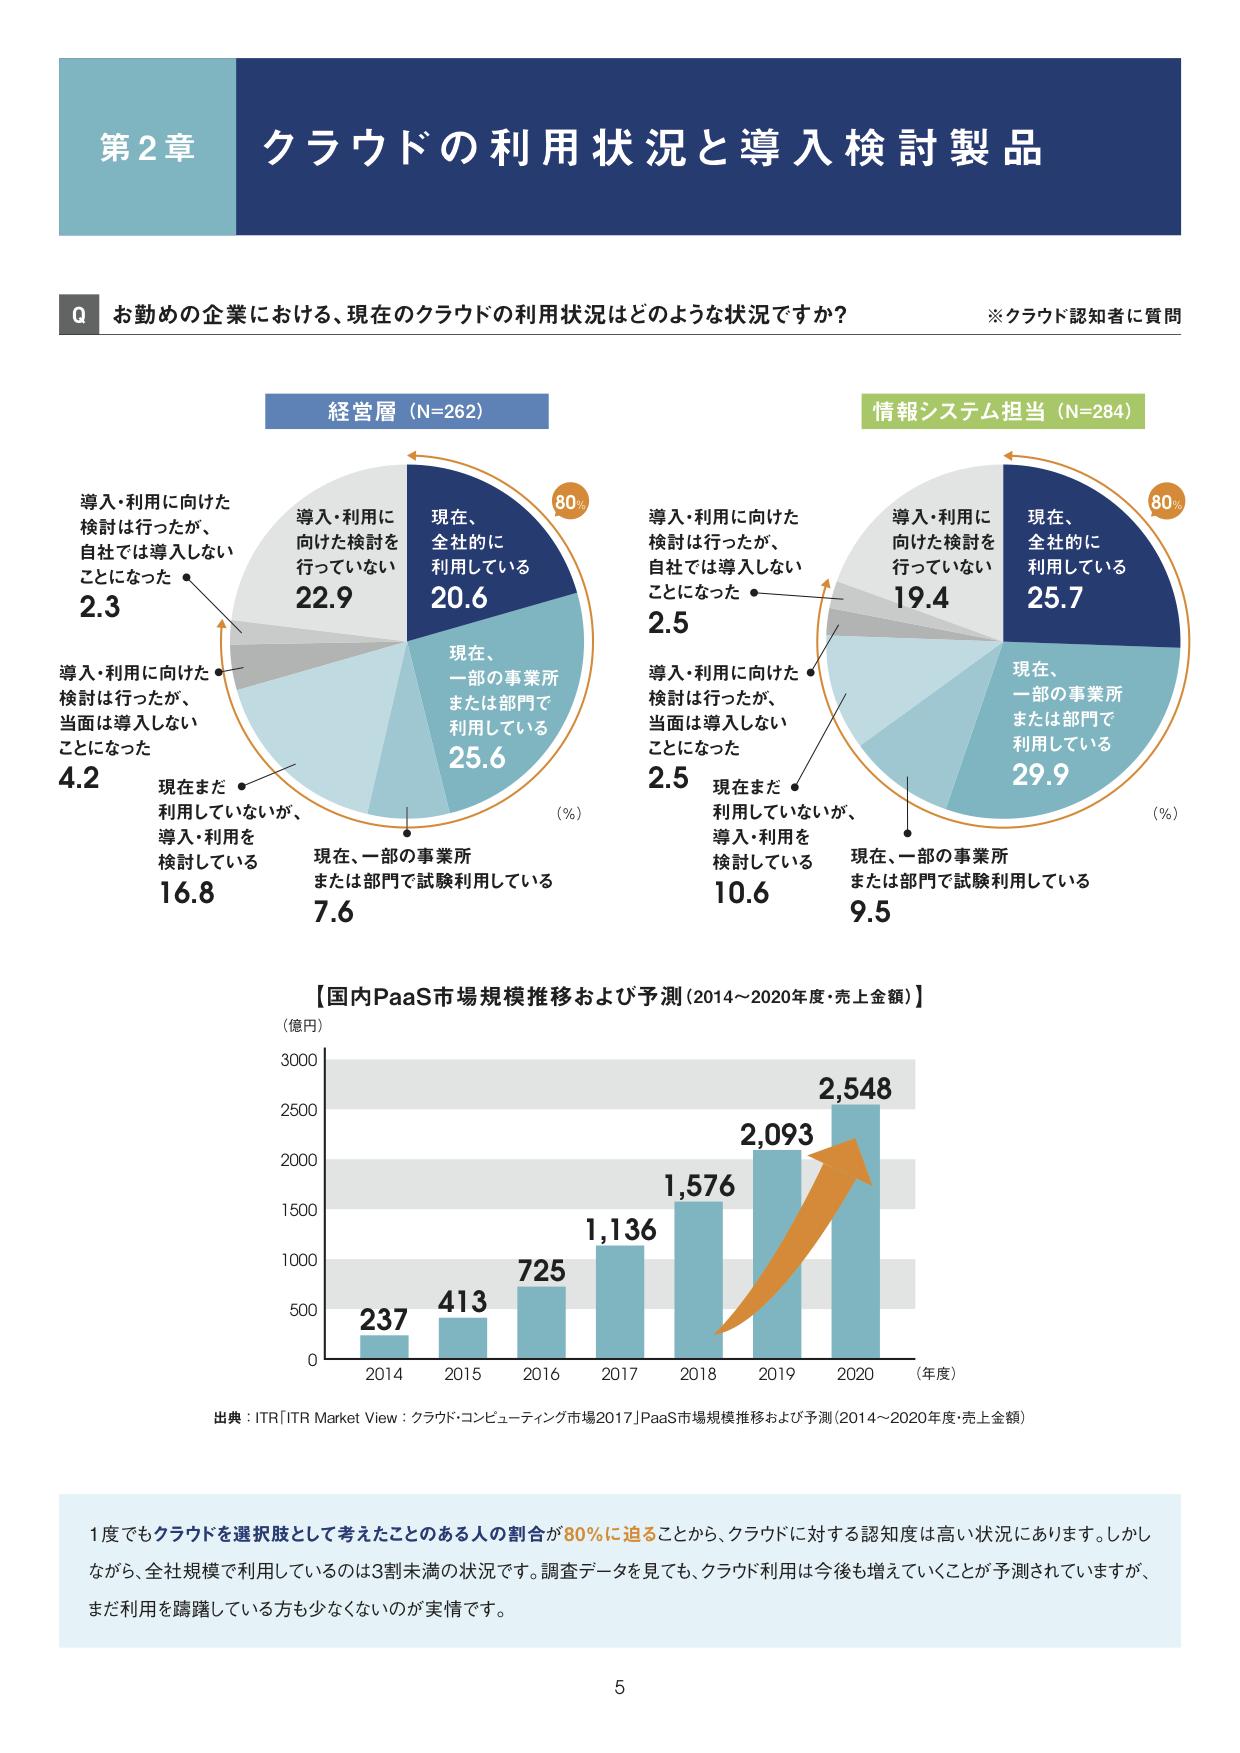 https://enterprise.cybozu.co.jp/2017cybozu_Garoon_cloudWP_2.png